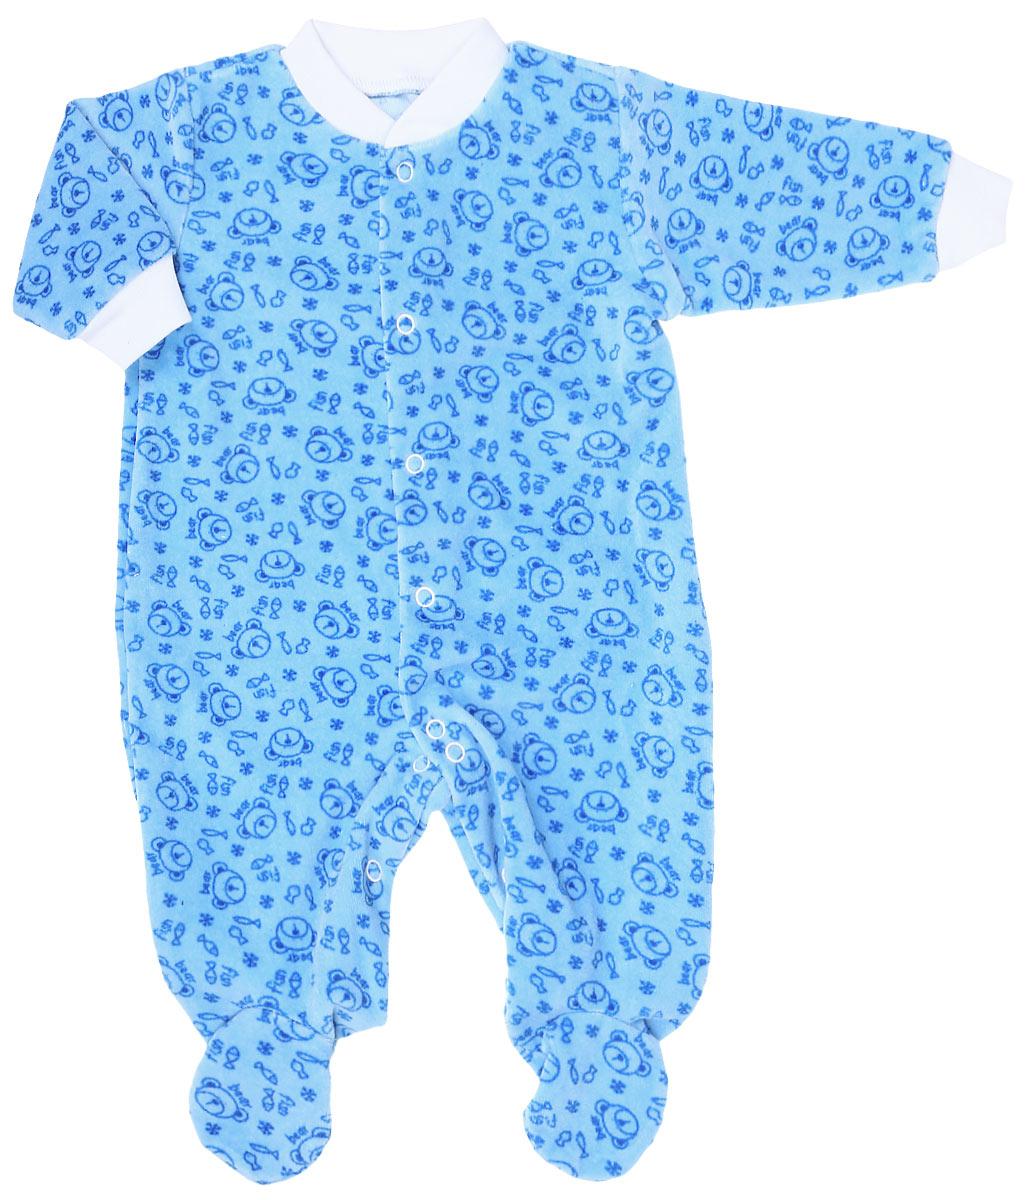 Комбинезон детский Фреш Стайл, цвет: голубой. 55-526. Размер 50, от 0 месяцев55-526С комбинезоном Фреш Стайл спинка и ножки малыша всегда будут в тепле. Комбинезон с длинными рукавами и с закрытыми ножками, выполненный из мягкого и приятного на ощупь велюра, не сковывает движения младенца, идеален для использования днем и незаменим ночью, а удобные застежки-кнопки позволяют легко переодеть ребенка и не мешают ему во время сна.Комбинезон с забавным рисунком имеет воротничок и манжеты на рукавах, которые выполнены из трикотажного полотна. В таком комбинезоне ваш малыш будет чувствовать себя комфортно и уютно. Он согреет вашего ребенка в прохладную погоду и послужит замечательным дополнением к детскому гардеробу.УВАЖАЕМЫЕ КЛИЕНТЫ!Обращаем ваше внимание на возможные изменения в деталях рисунка. Поставка осуществляется в зависимости от наличия на складе. Цветовая гамма и дизайн изделия остаются неизменными.